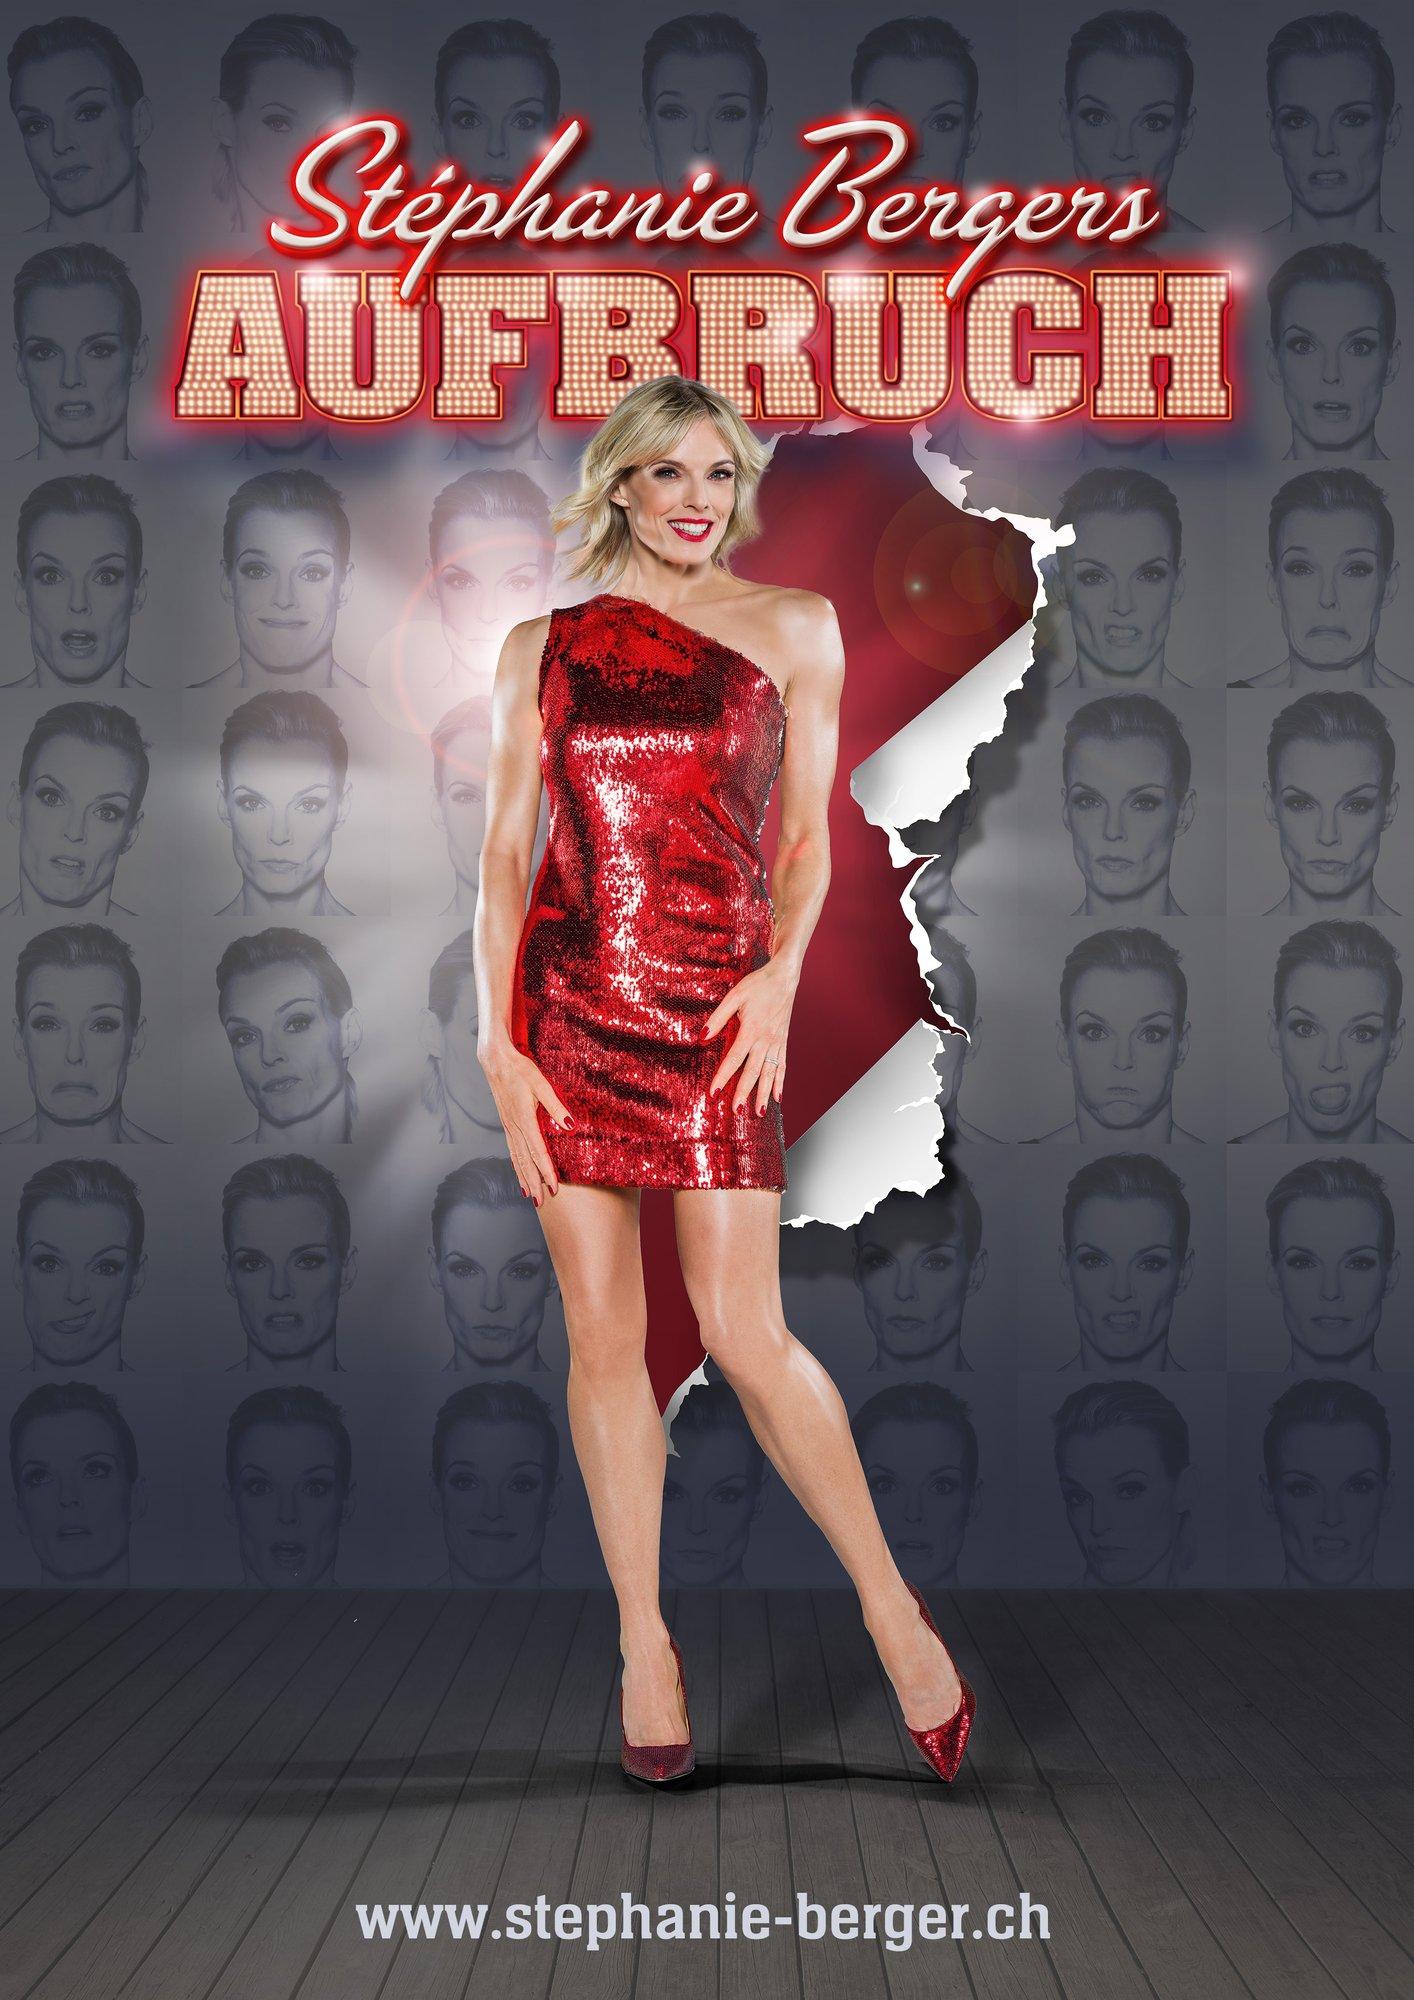 Stéphanie Berger - Aufbruch